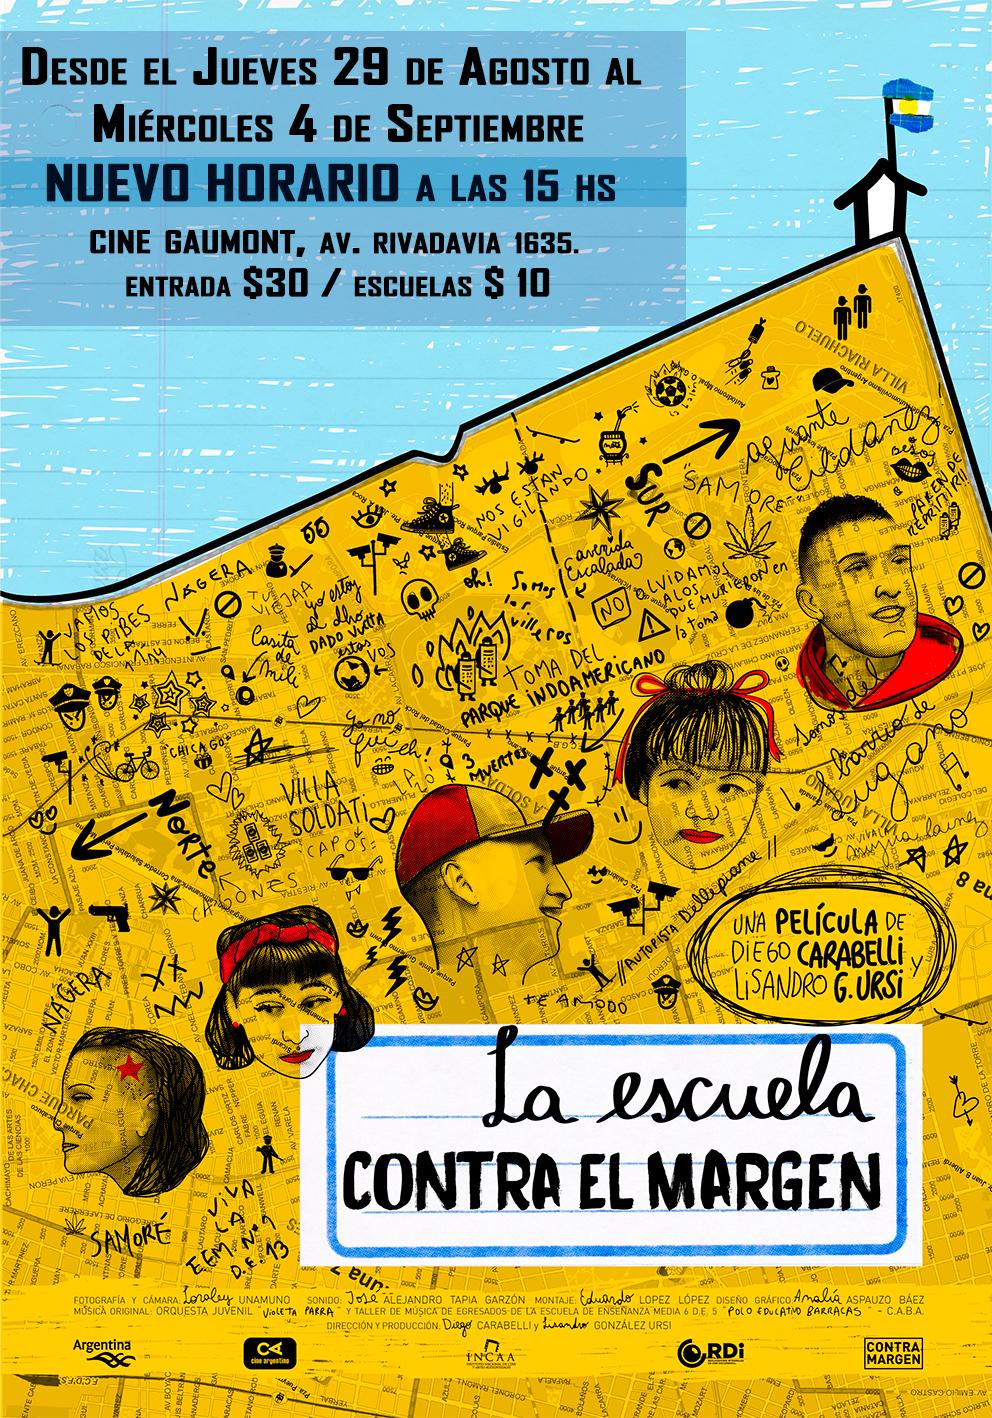 La escuela contra el margen. De Lisandro González Ursi y Diego Carabelli. Del 29-8 al 4-9 en el Gaumont.